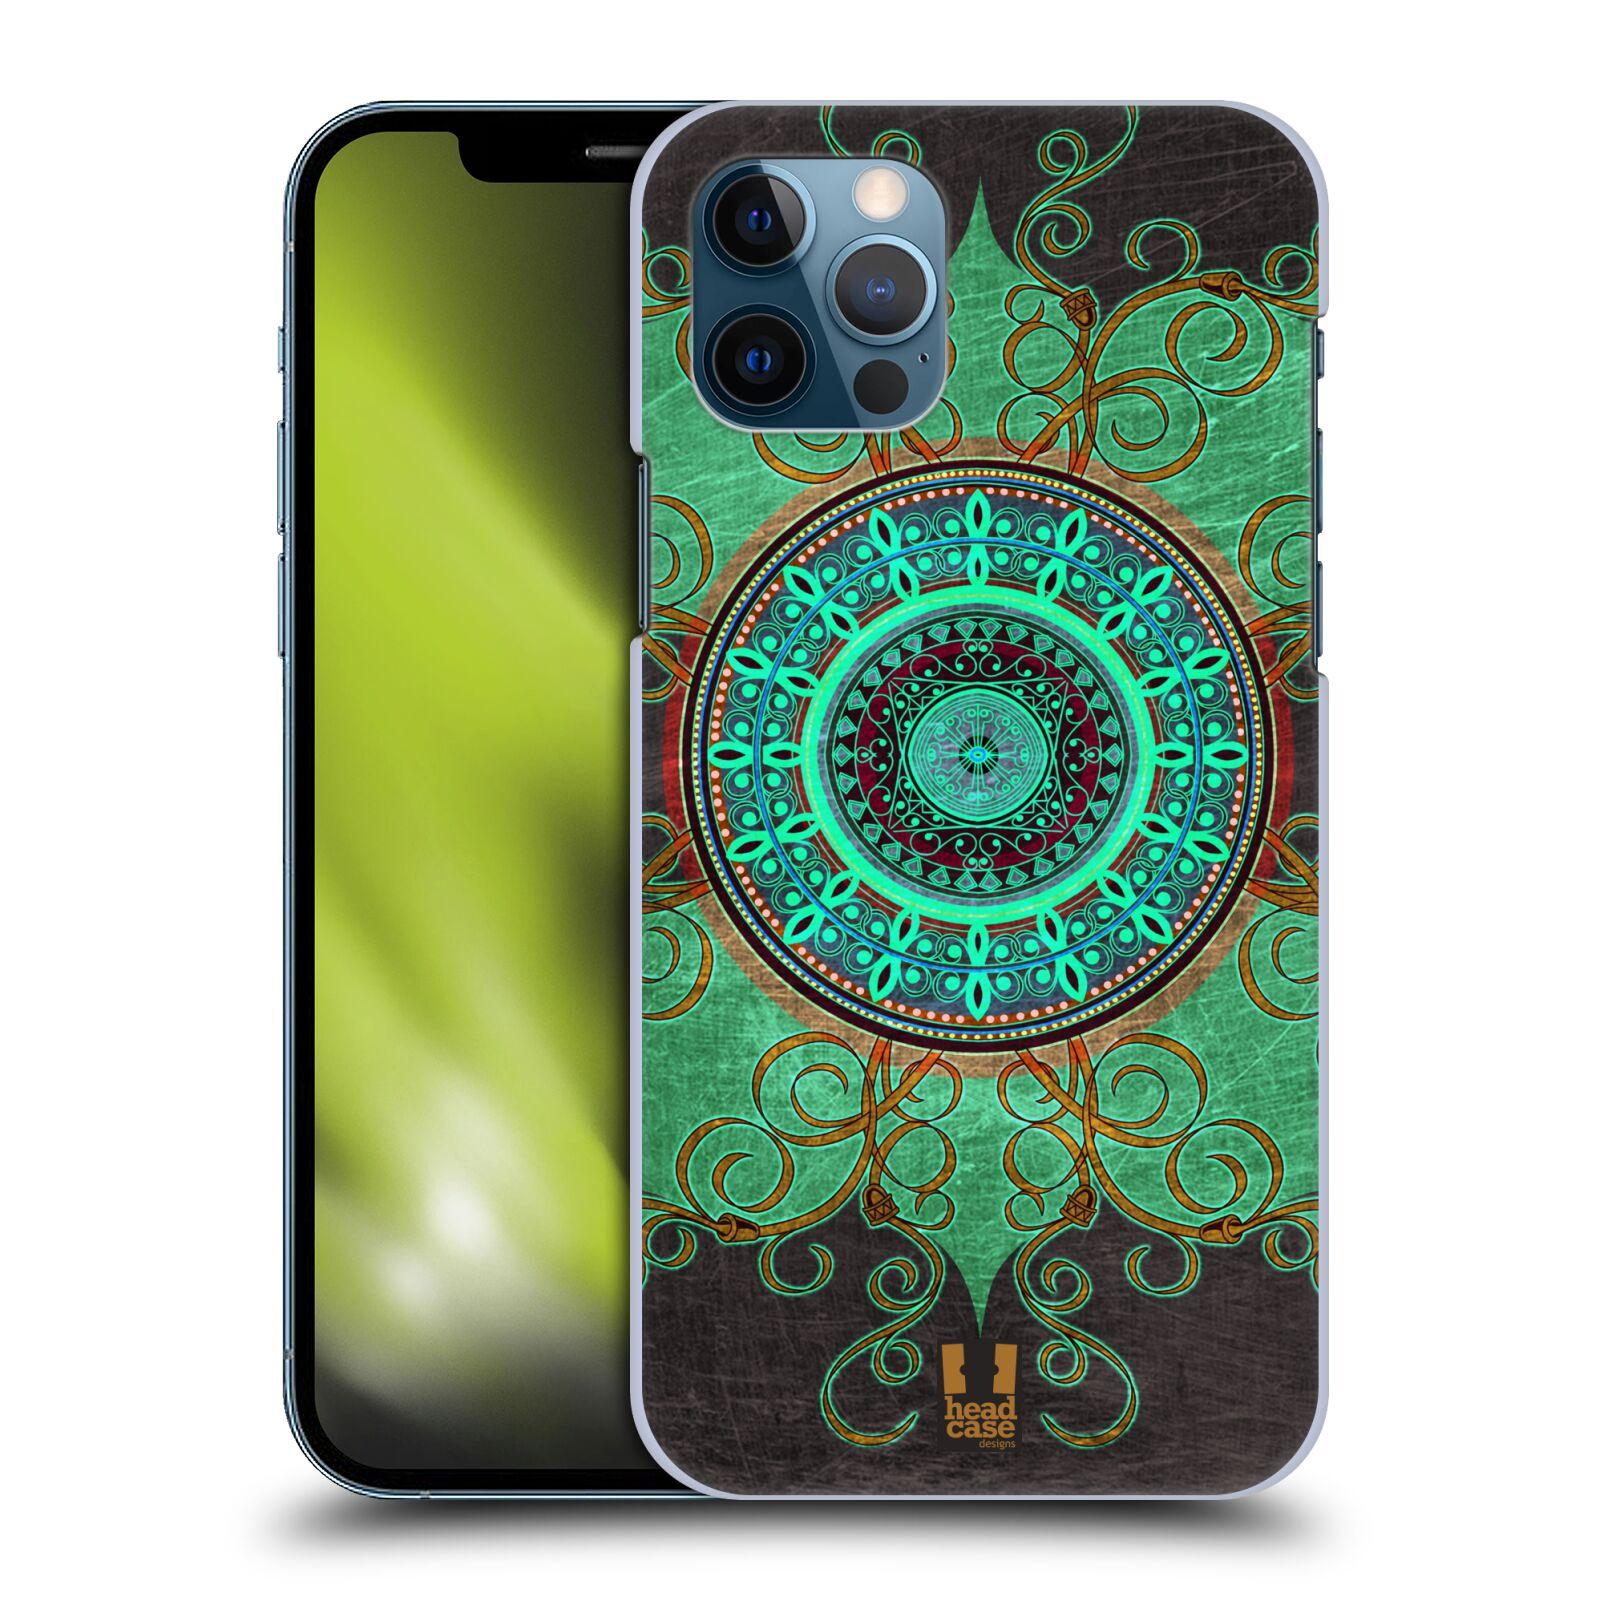 Plastové pouzdro na mobil Apple iPhone 12 / 12 Pro - Head Case - ARAB MANDALA